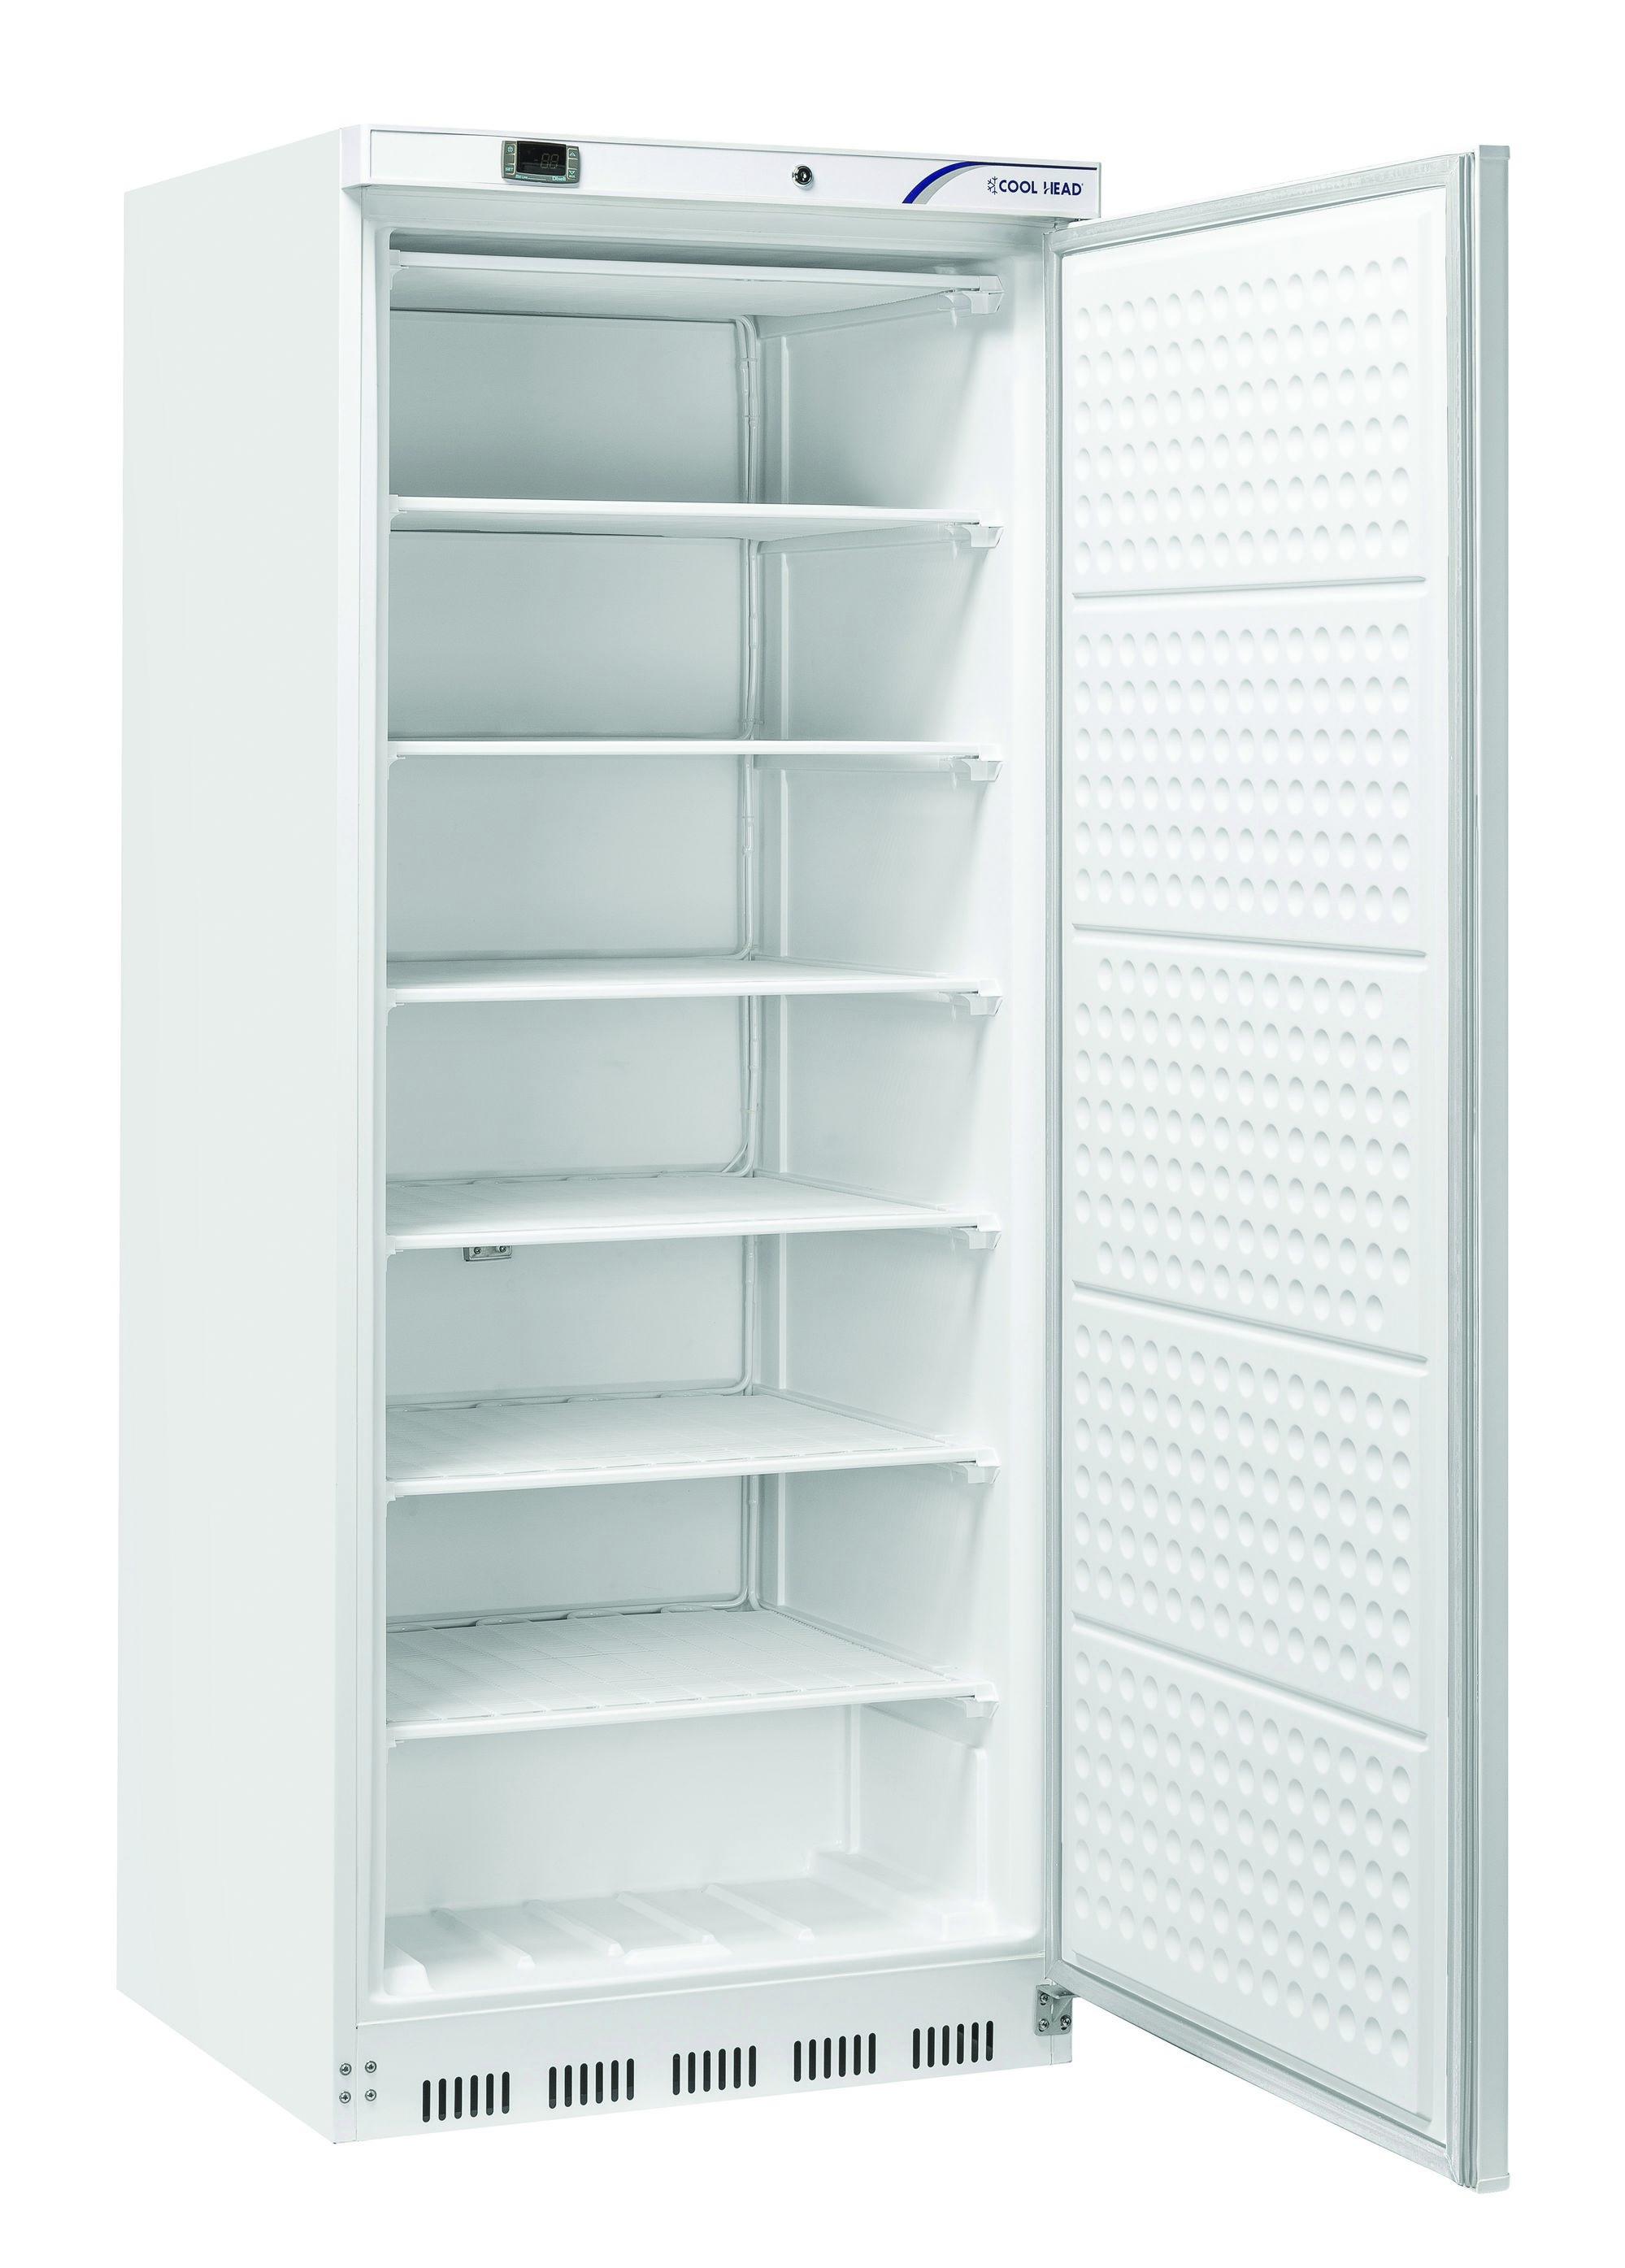 600 literes mélyhűtő, statikus hűtéssel, teli ajtóval, fehér, -18/-22°C